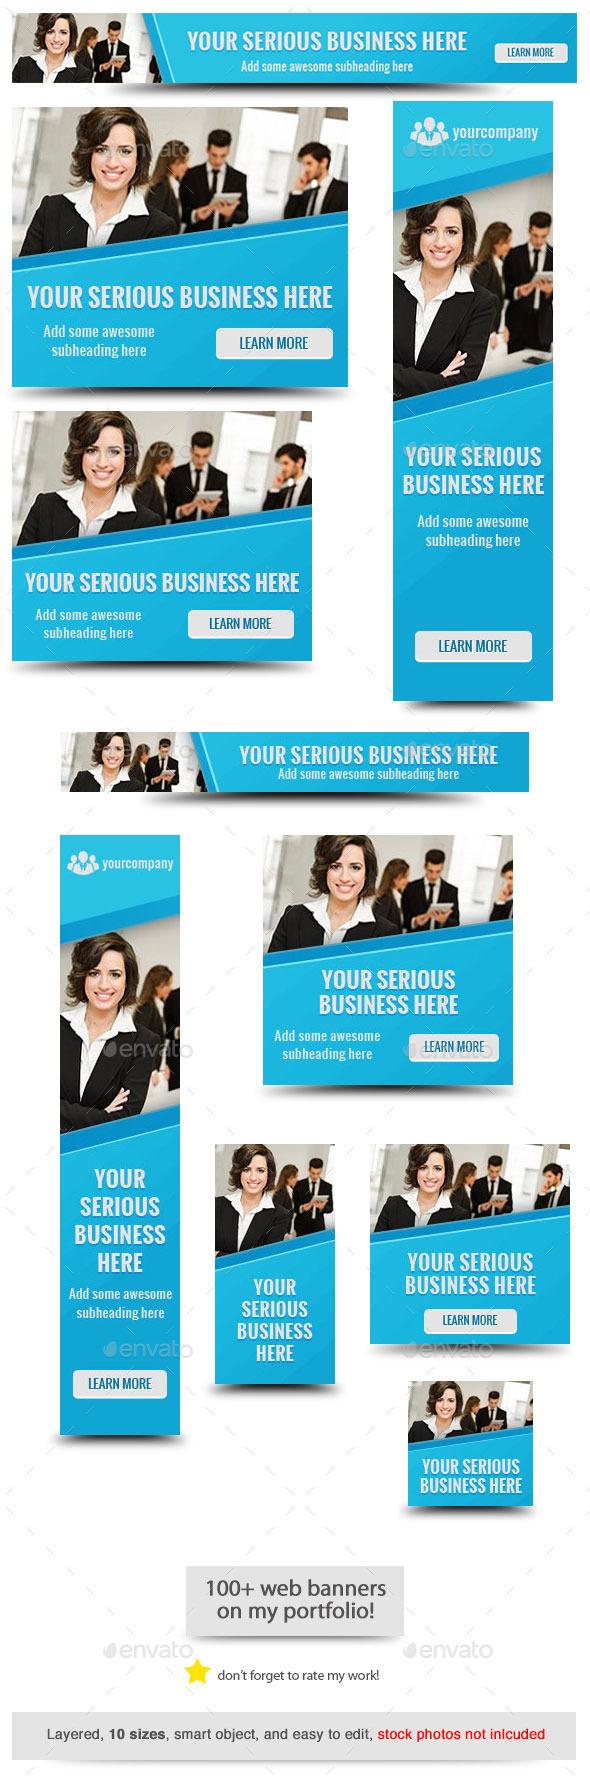 GraphicRiver Corporate Web Banner Design Template 60 11460228